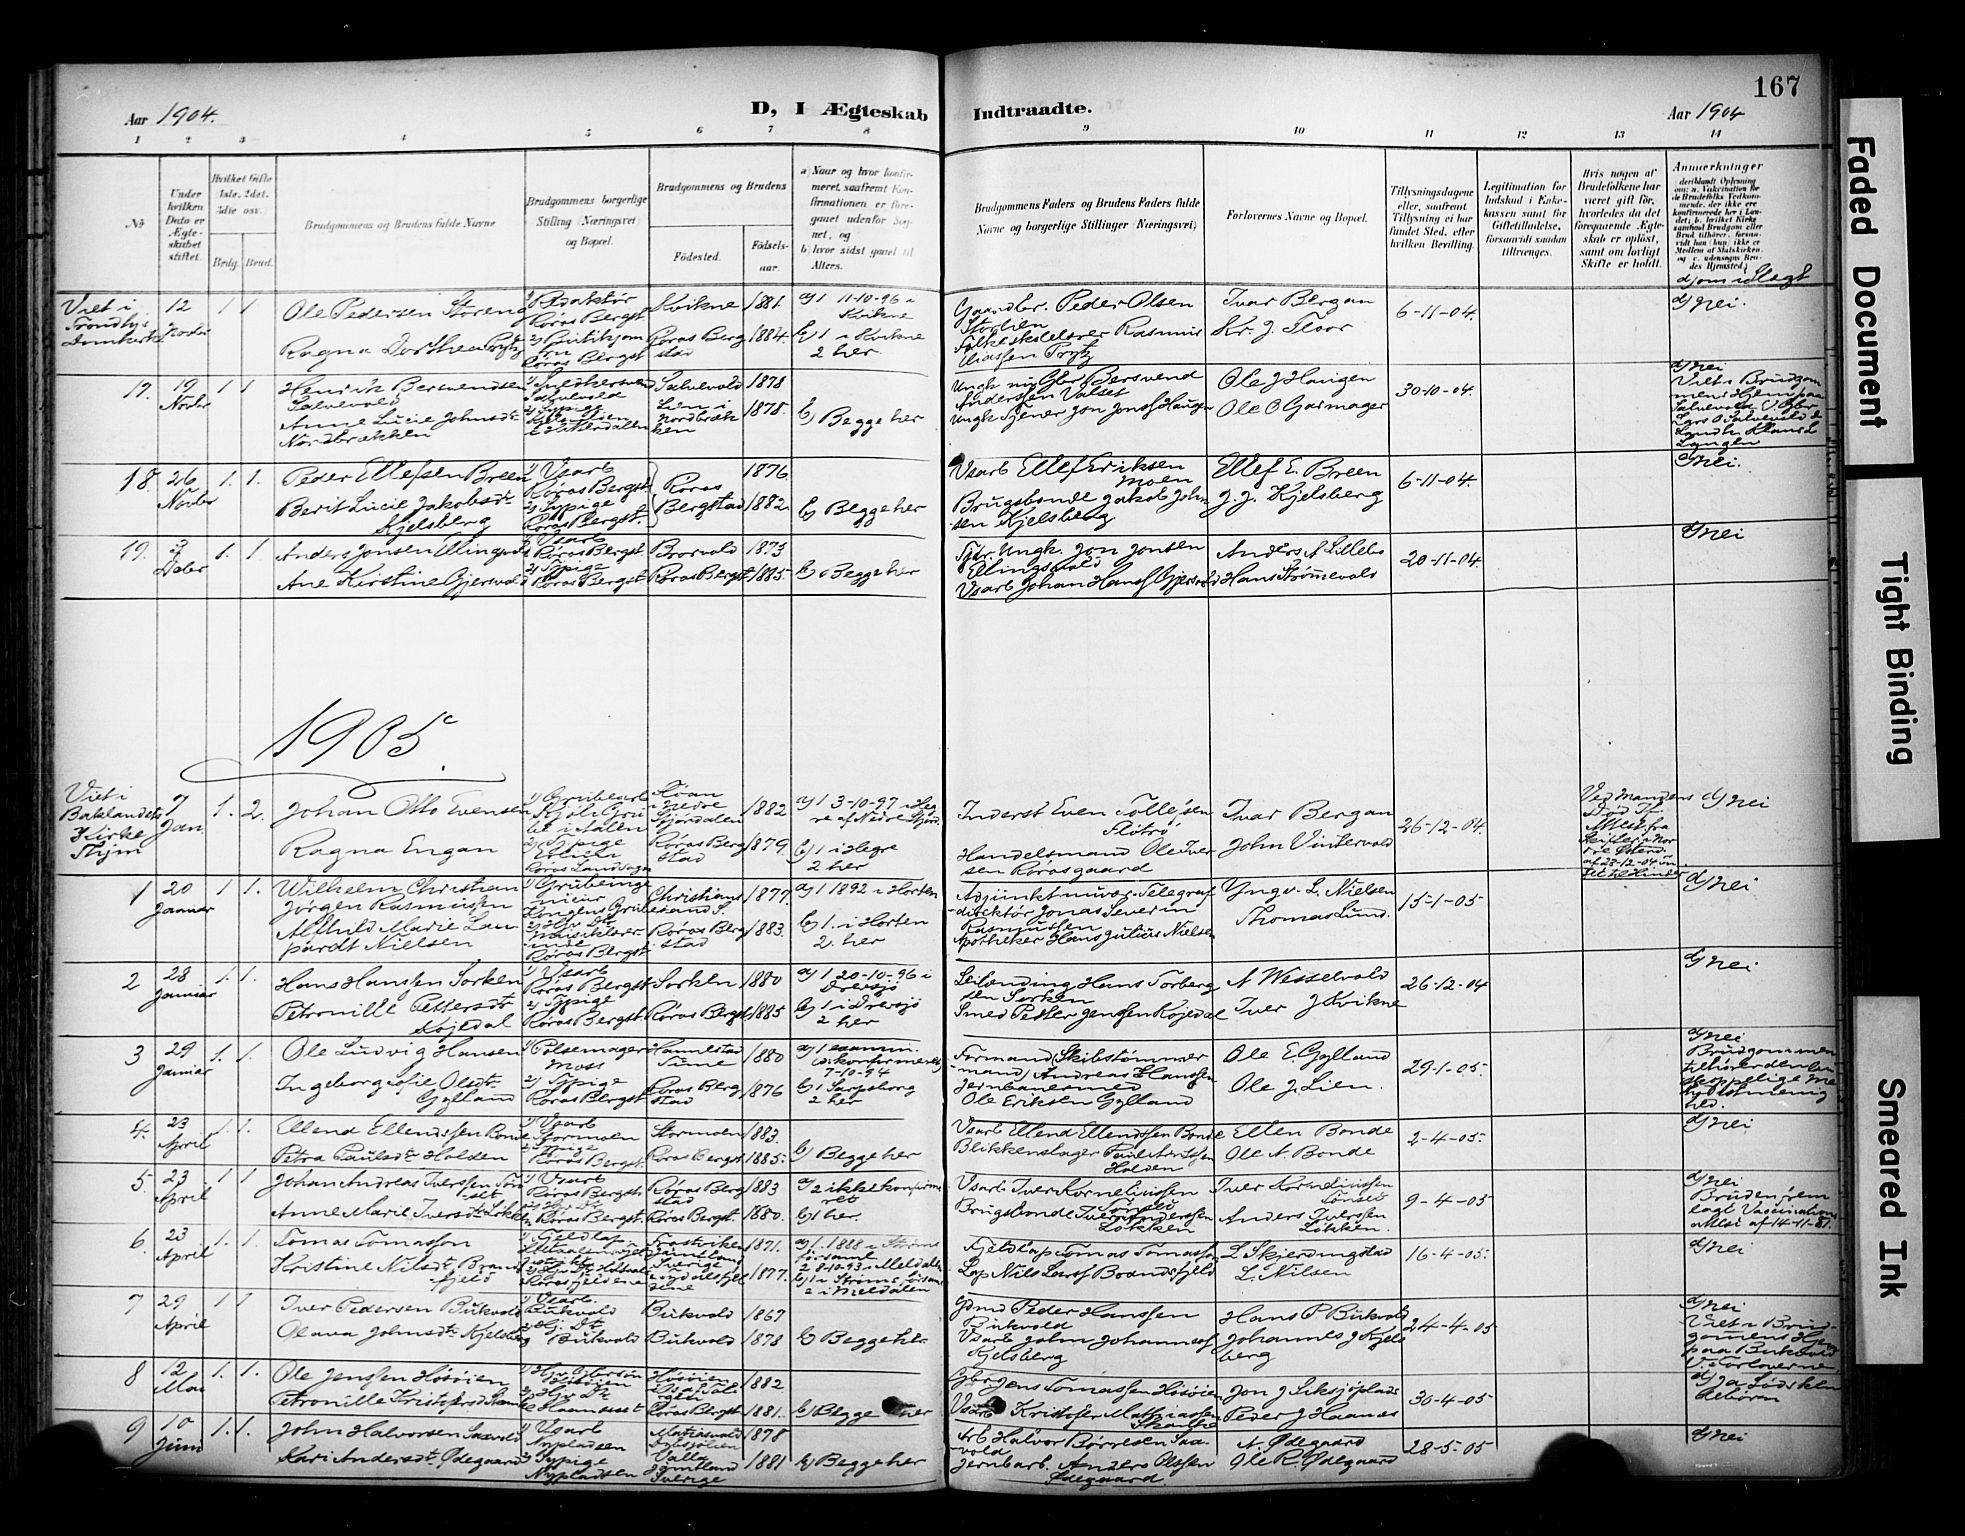 SAT, Ministerialprotokoller, klokkerbøker og fødselsregistre - Sør-Trøndelag, 681/L0936: Ministerialbok nr. 681A14, 1899-1908, s. 167